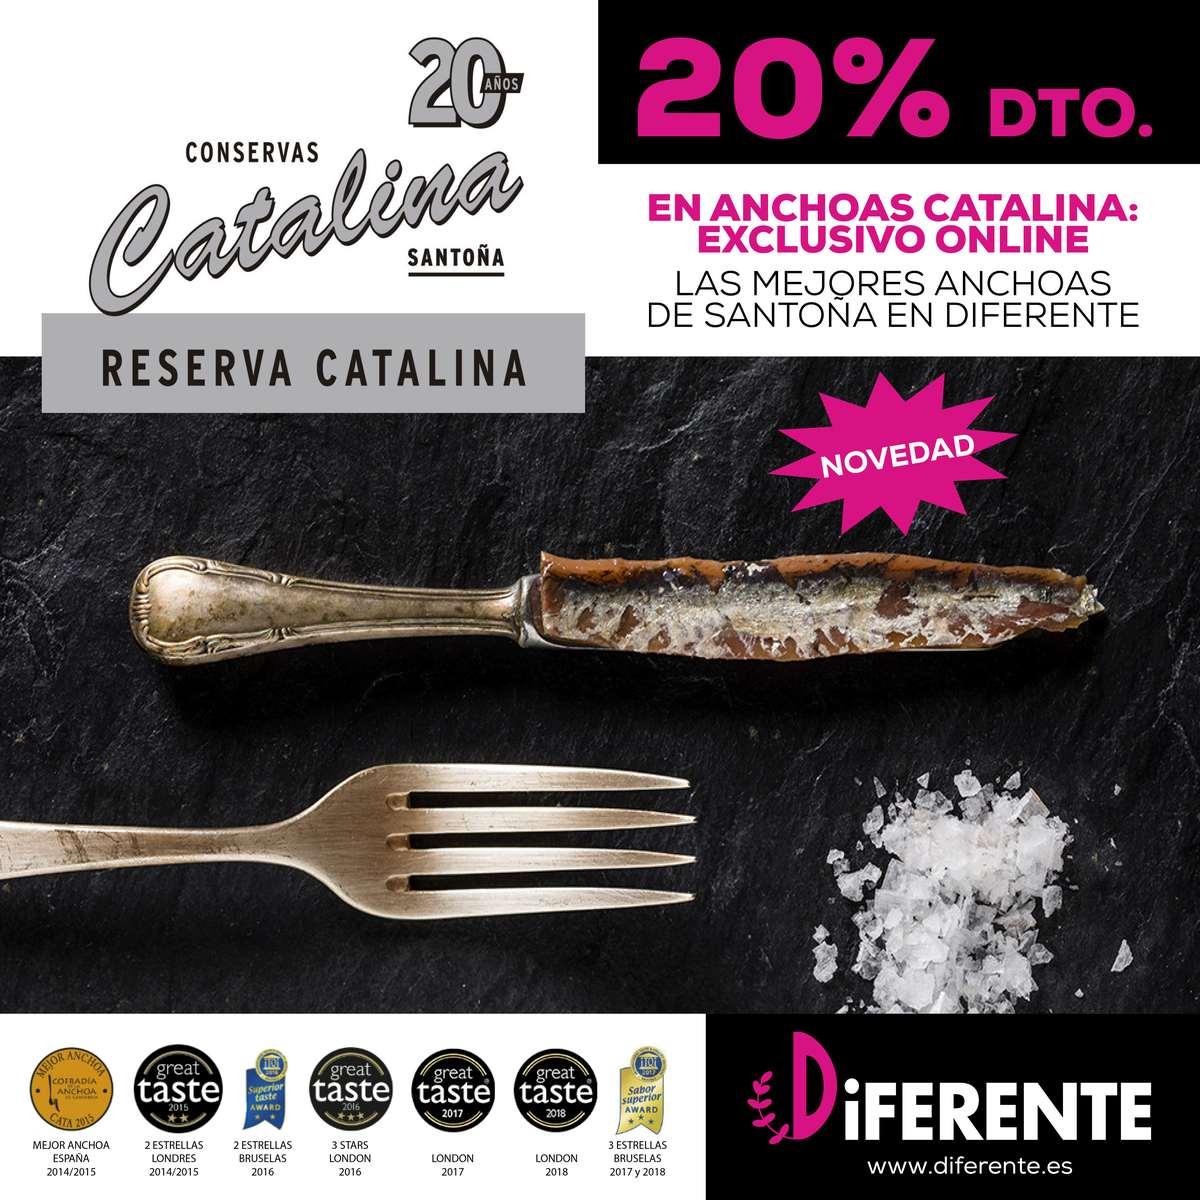 Anchoas Catalina 20% de DESCUENTO